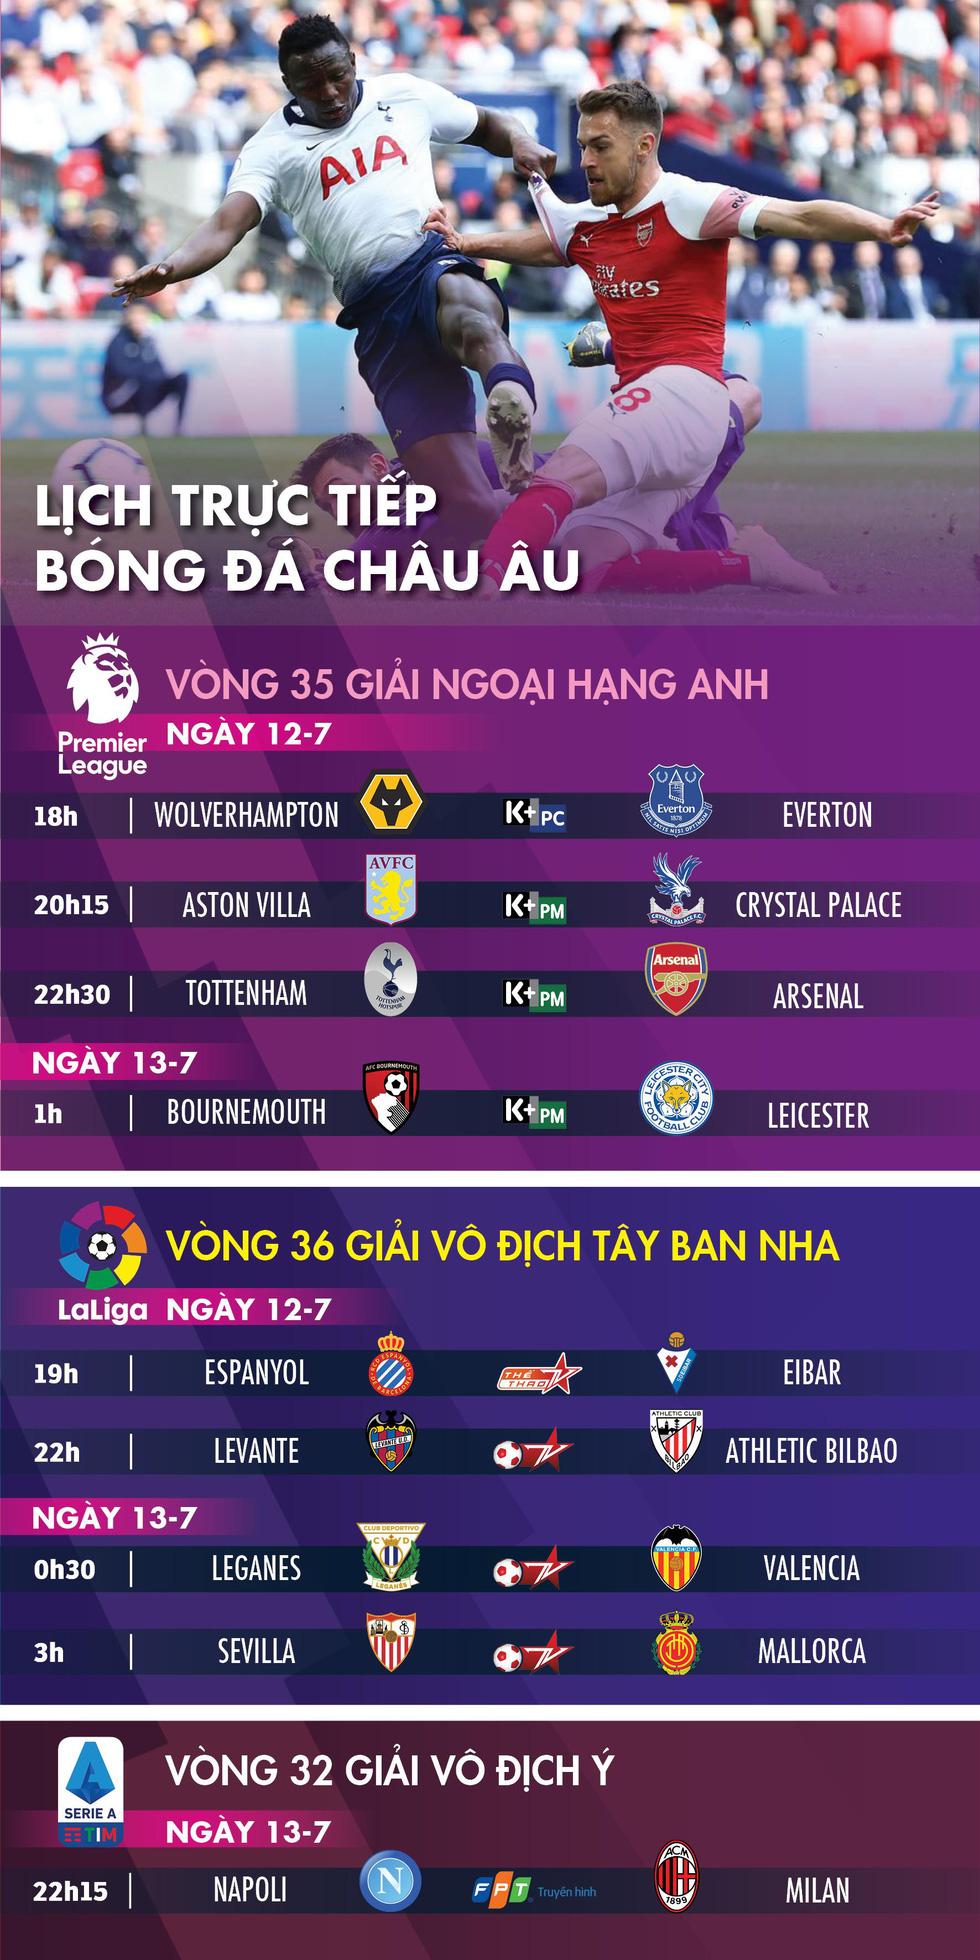 Lịch trực tiếp bóng đá châu Âu 12-7: Tottenham gặp Arsenal - Ảnh 1.